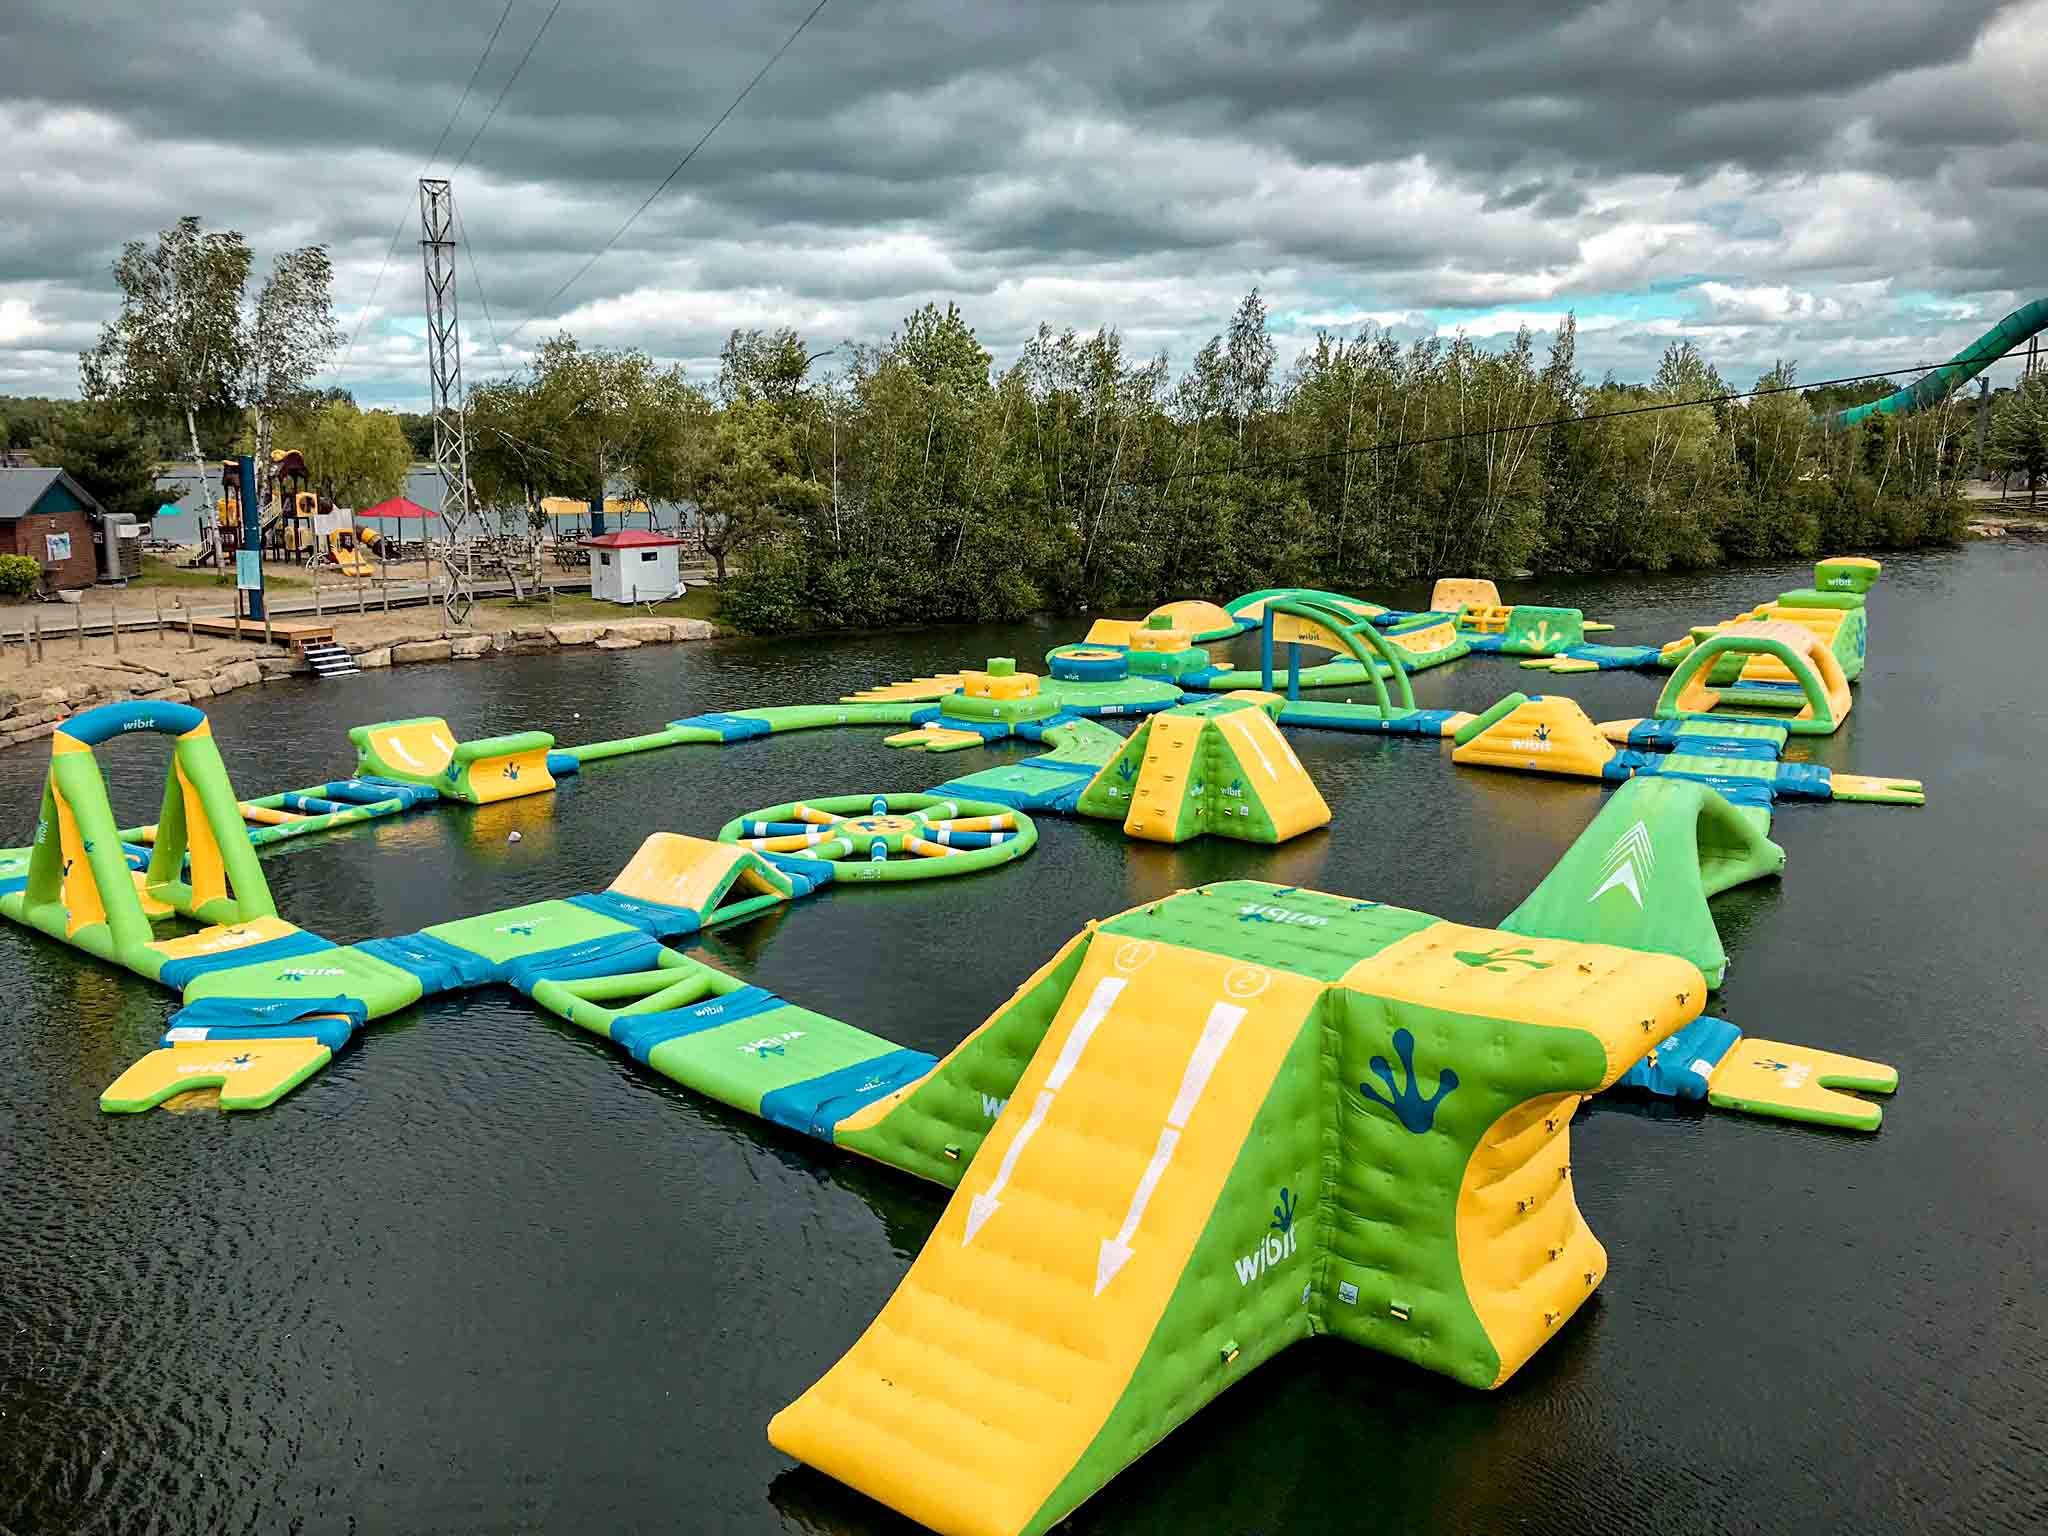 Structure flottante verte et jaune sur lac, le Wipe Zone